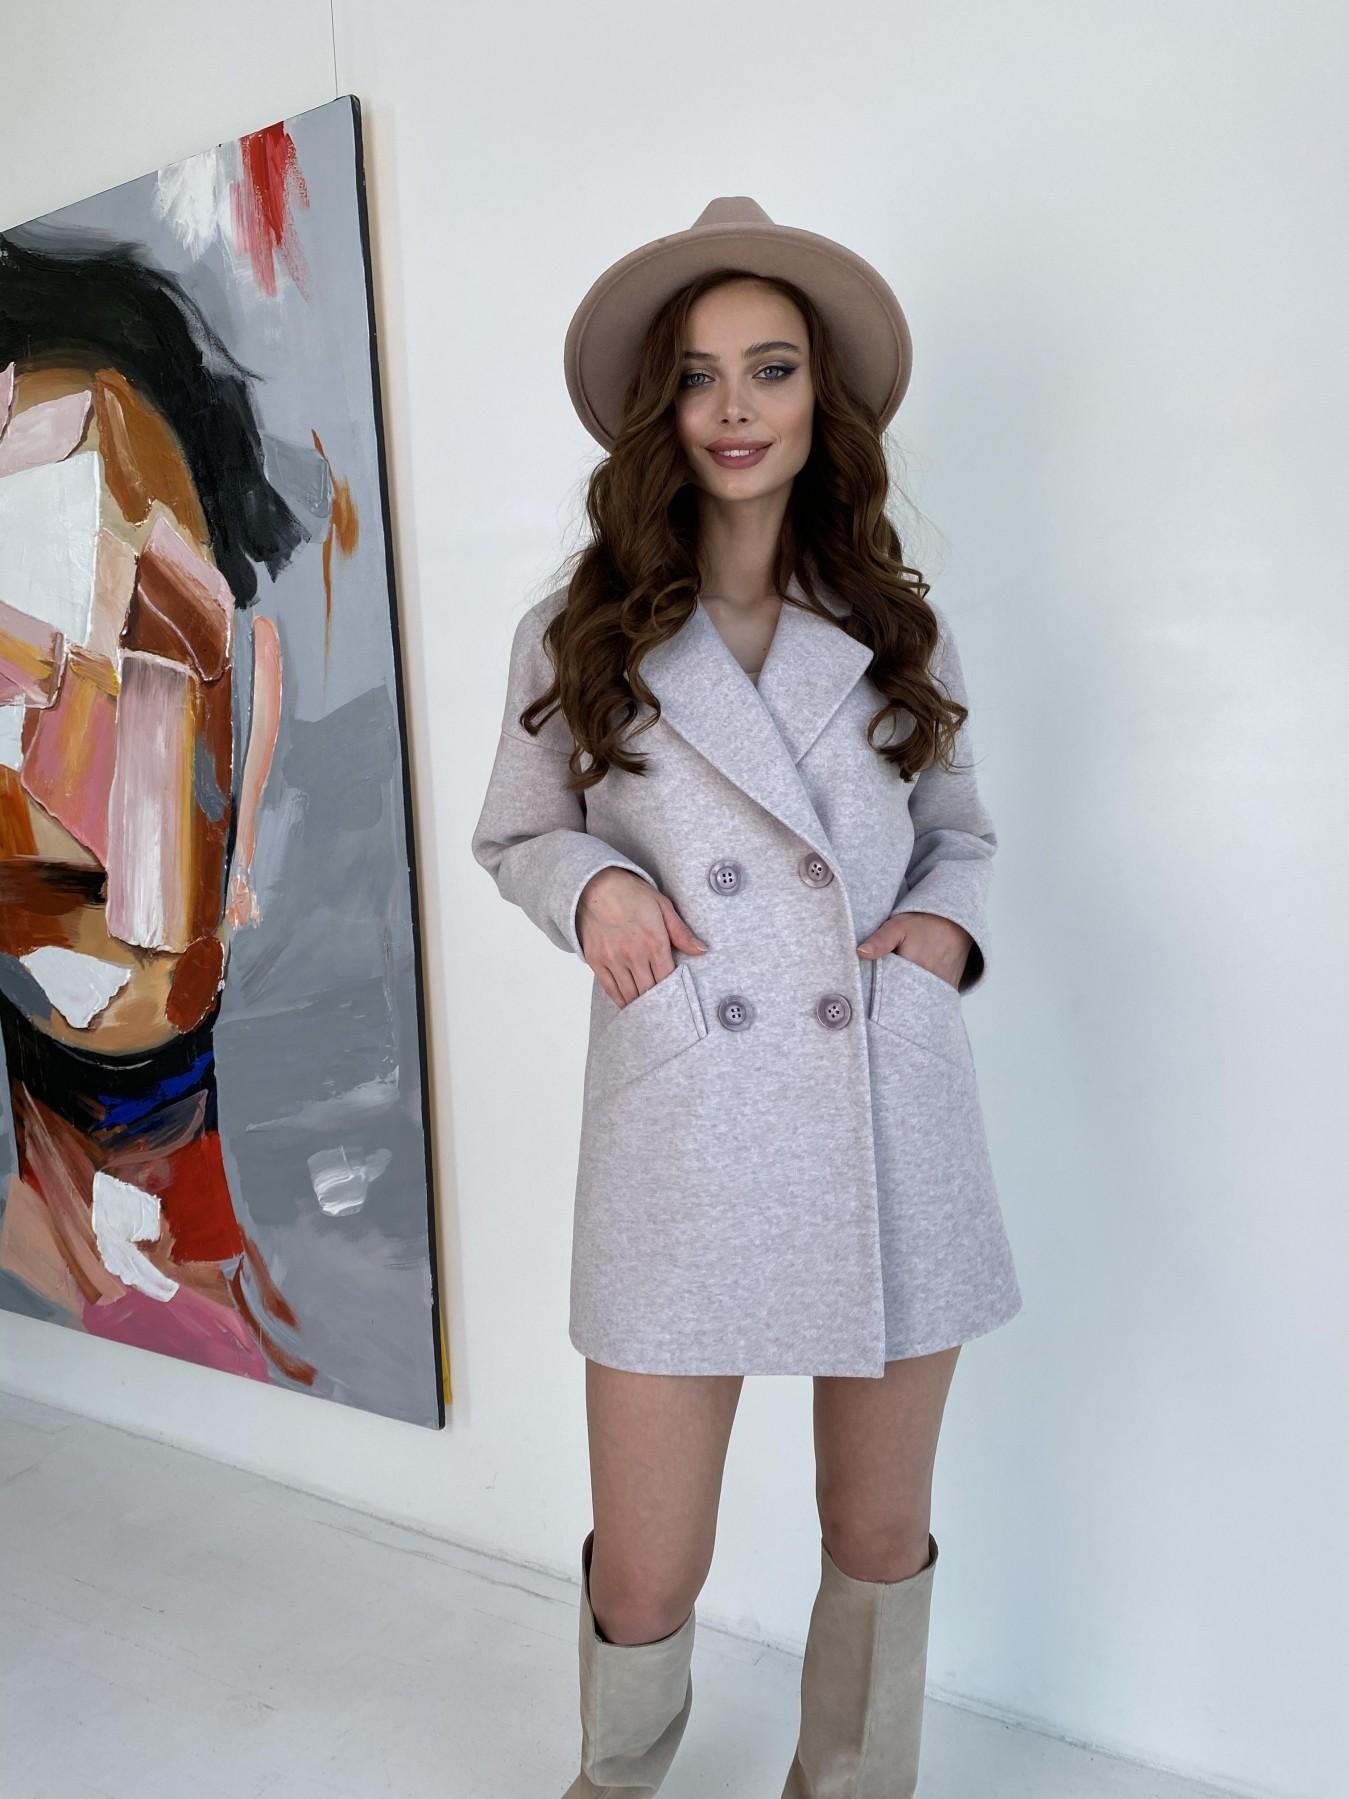 Бонд пальто  кашемировое меланж на трикотаже  10644 АРТ. 47161 Цвет: Бежевый меланж - фото 4, интернет магазин tm-modus.ru